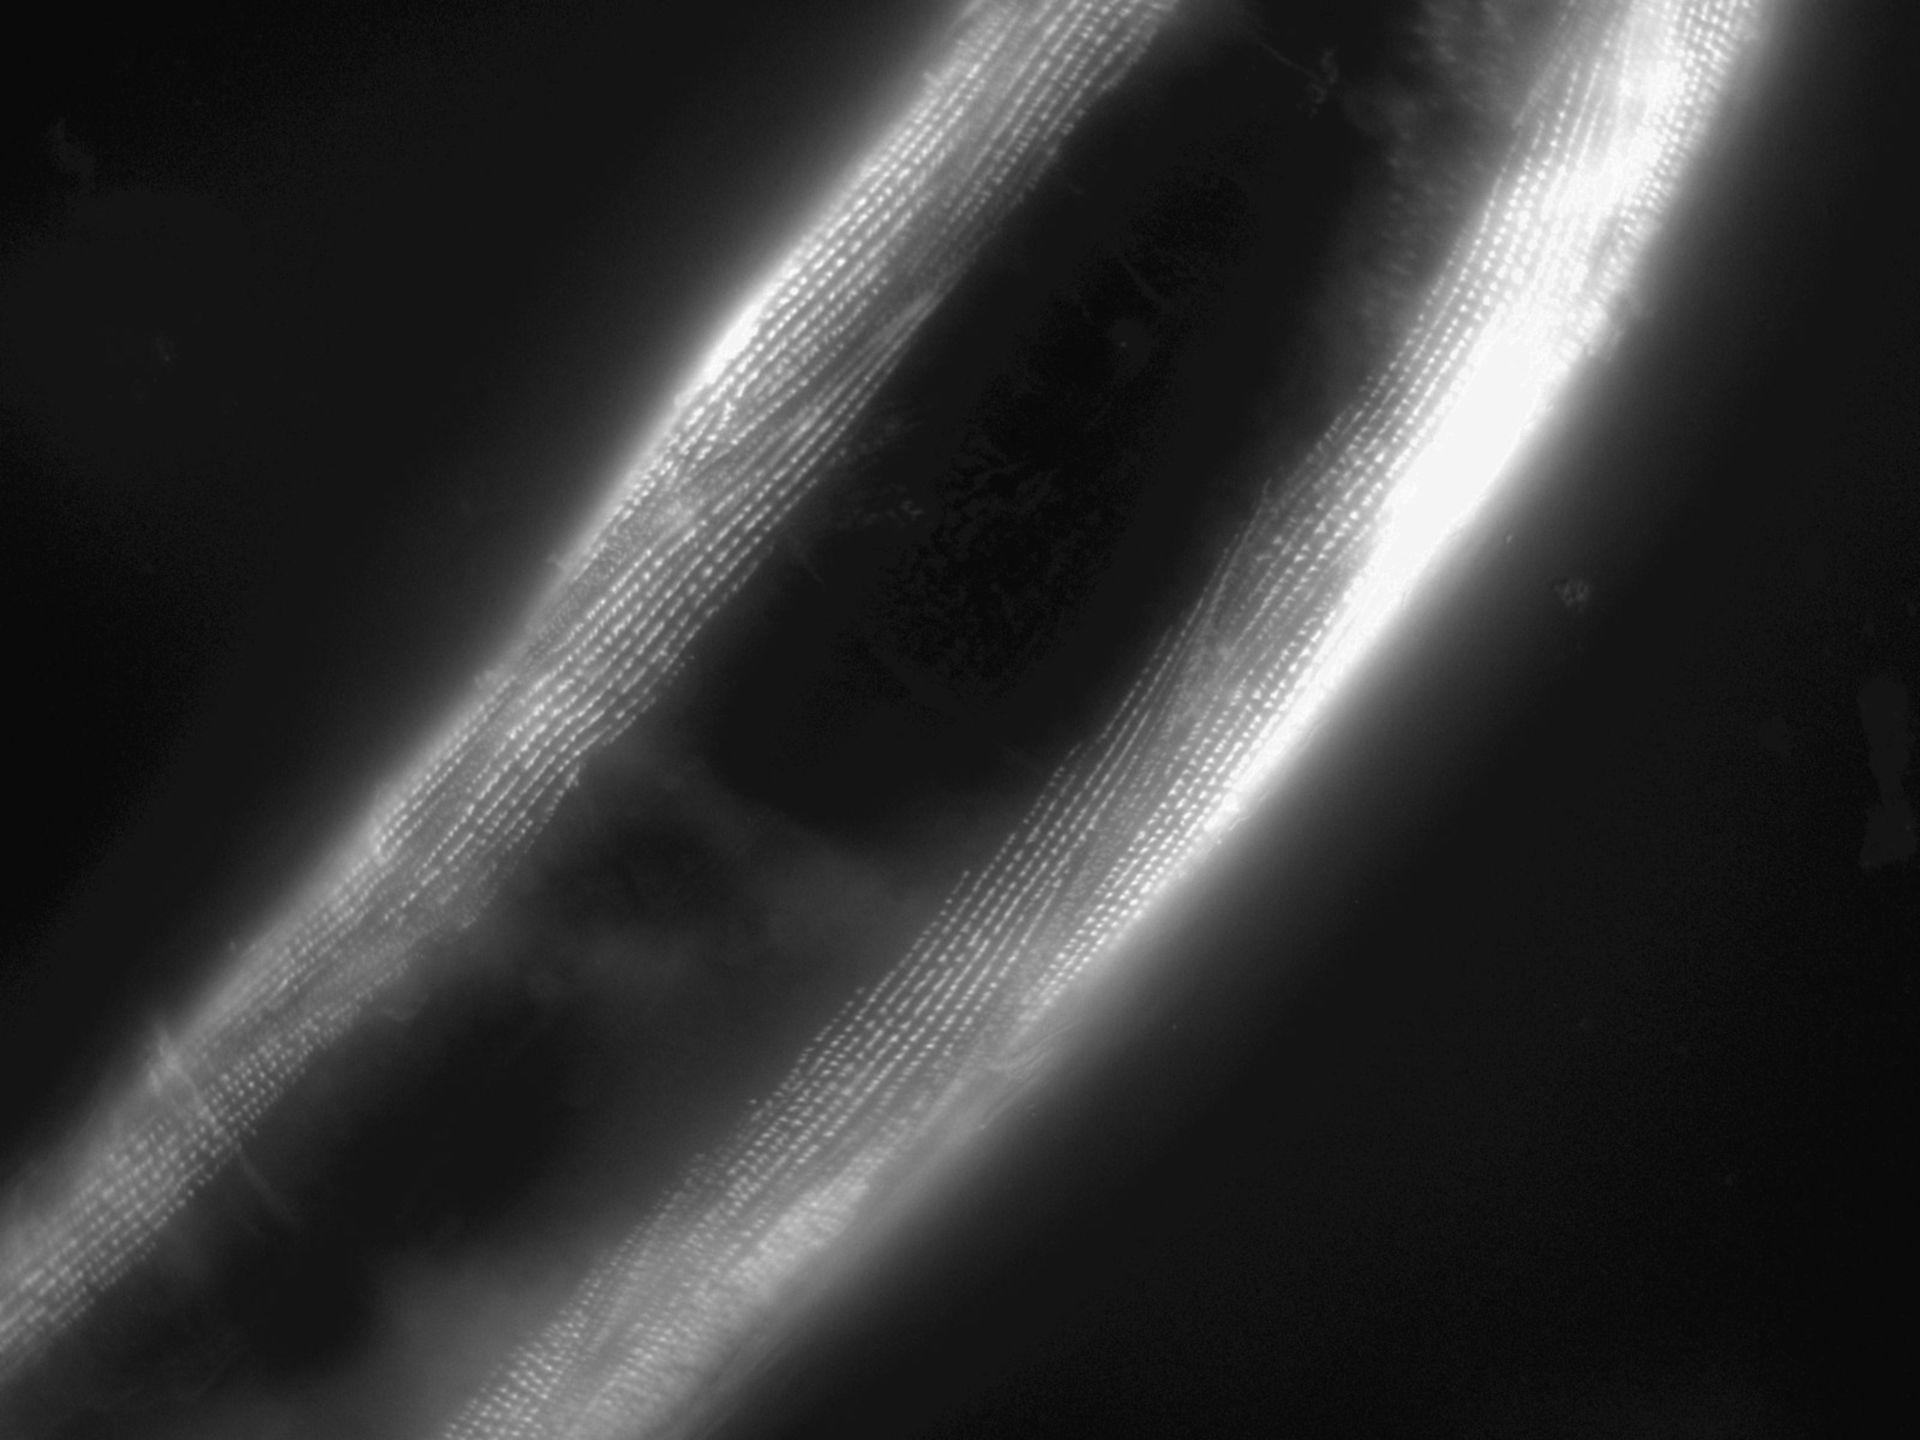 Caenorhabditis elegans (Actin filament) - CIL:1183